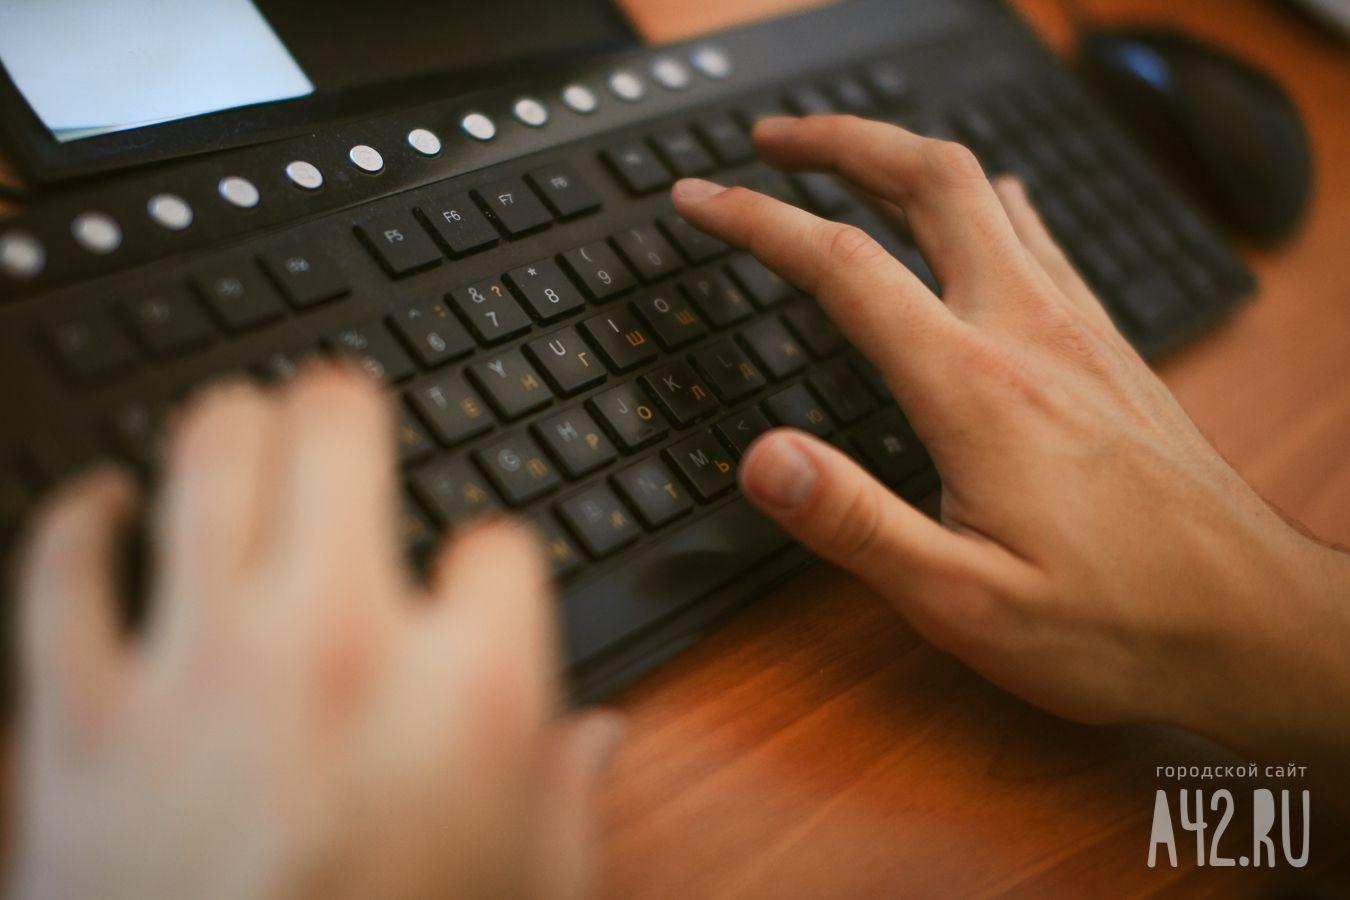 Родственники жертв теракта подали иск против Facebook, Google иTwitter